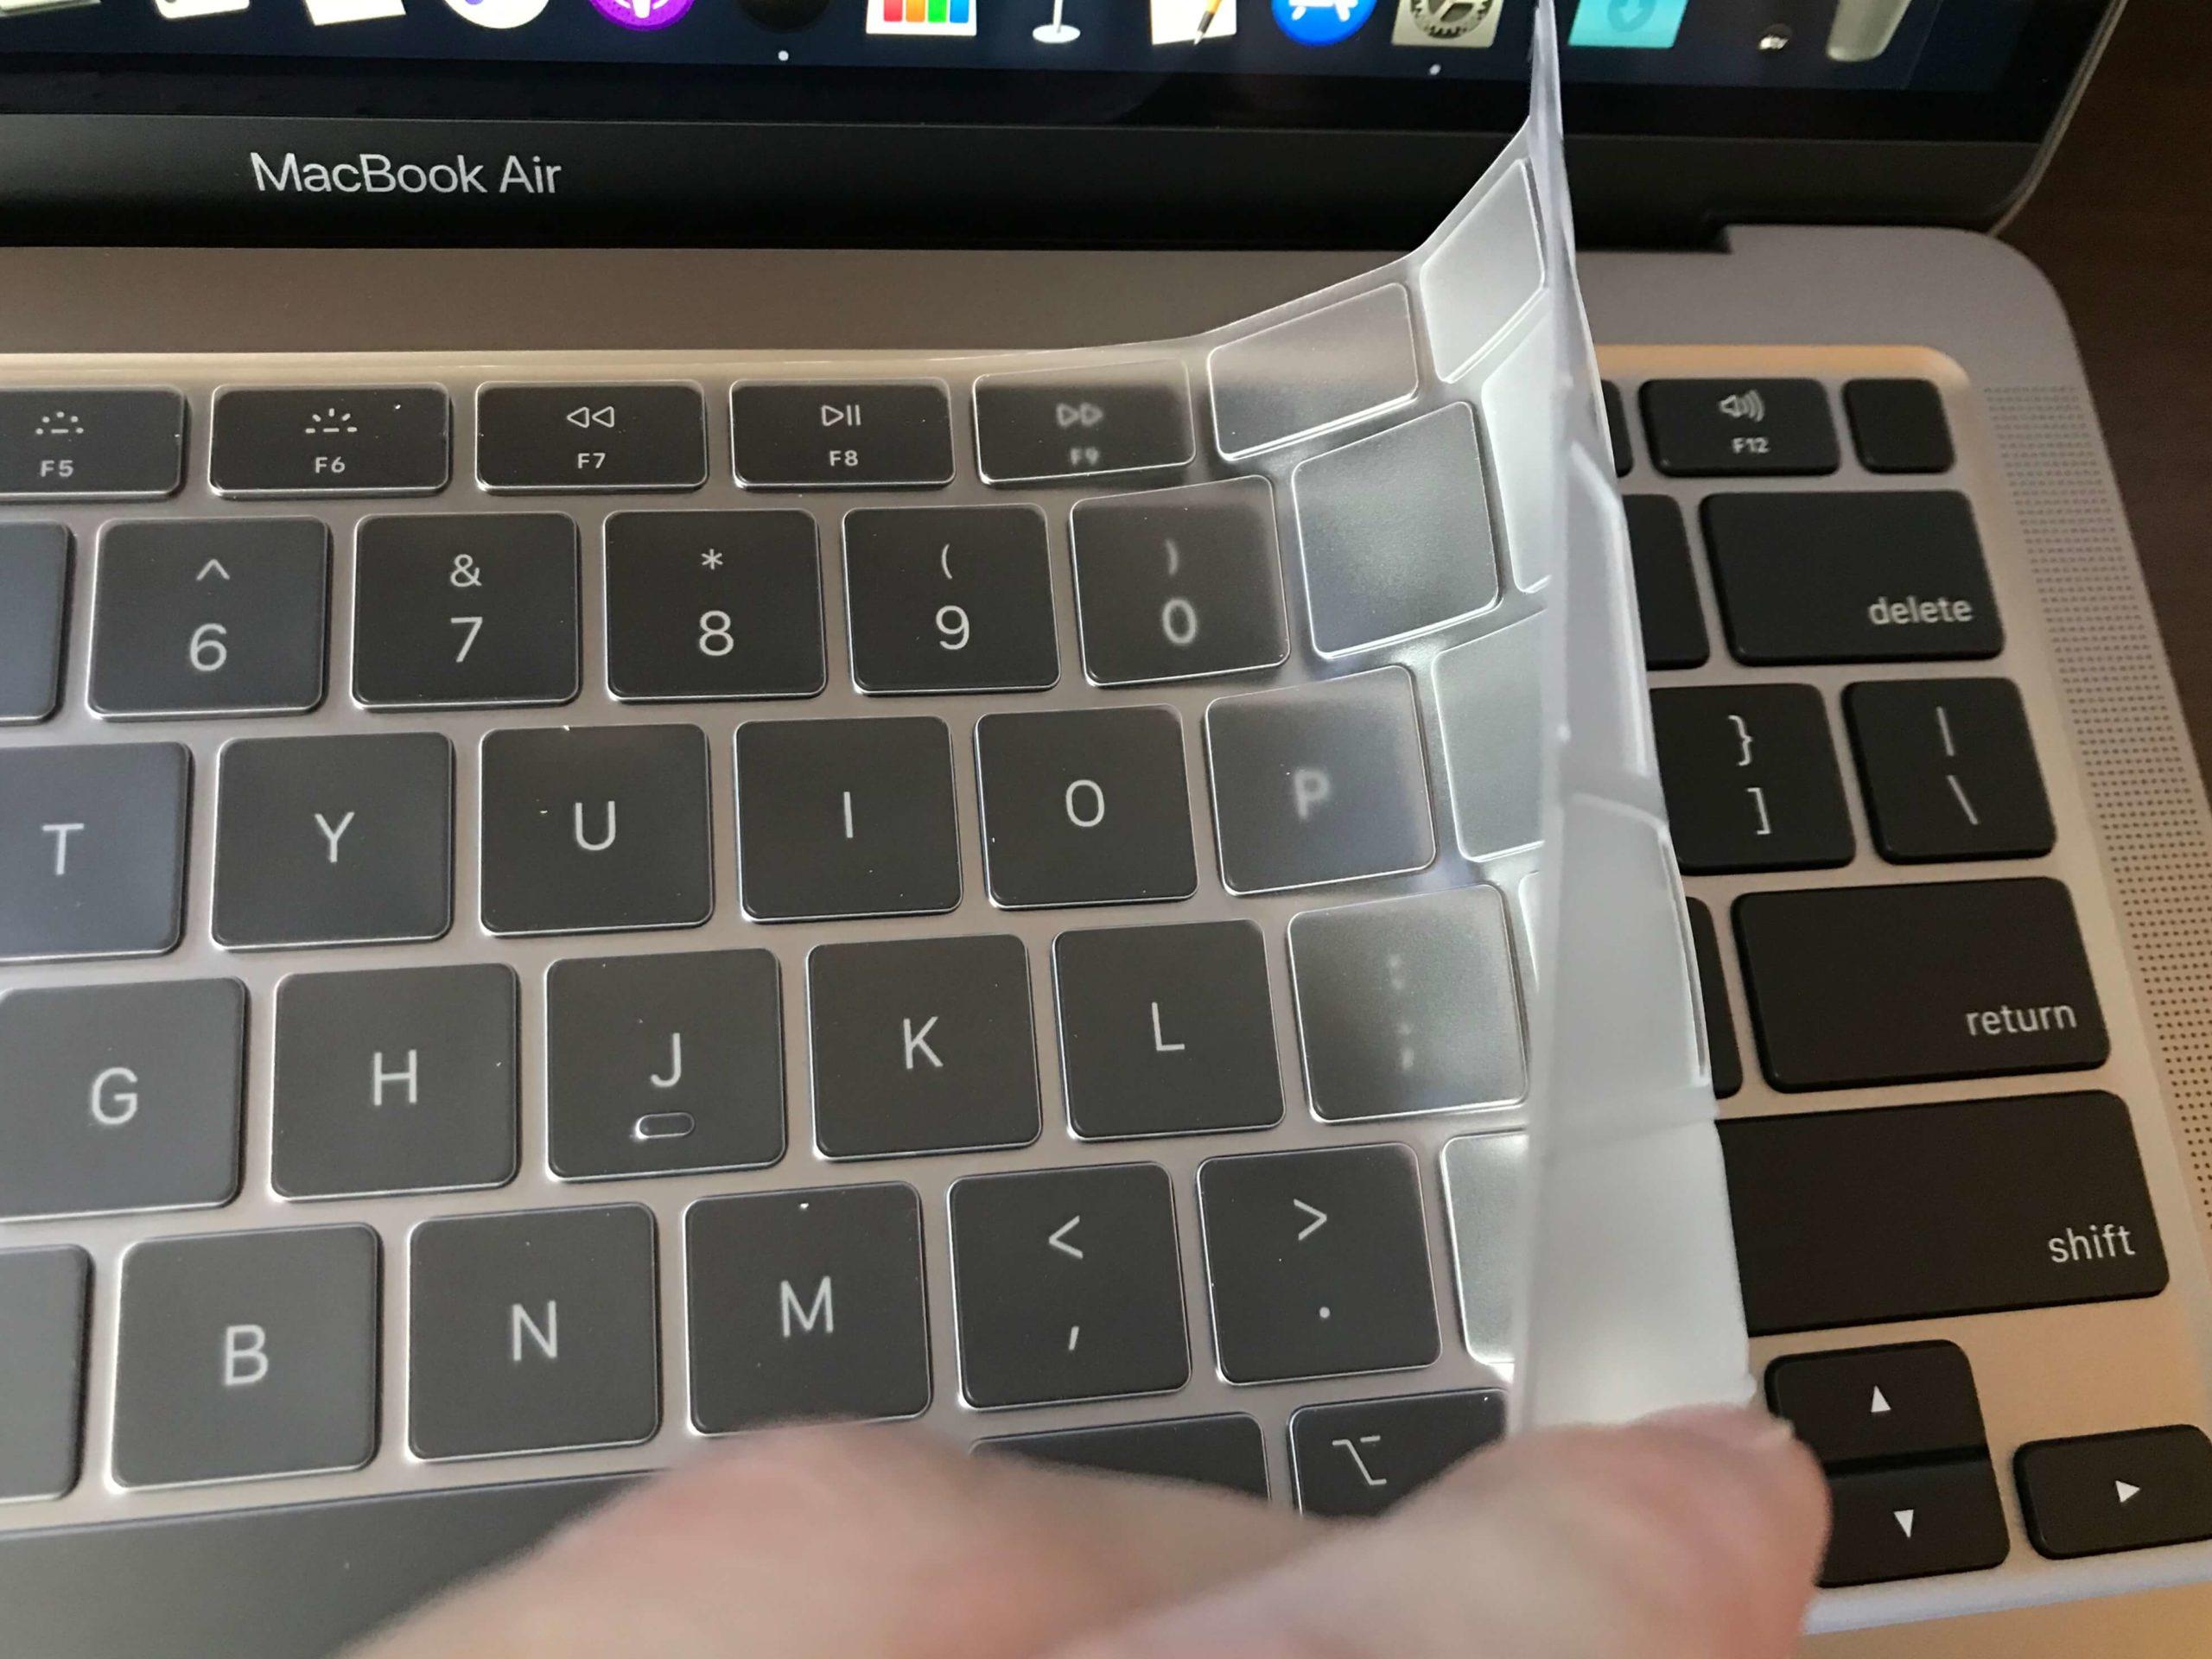 MacBook Airにキーボードカバーを装着するところ